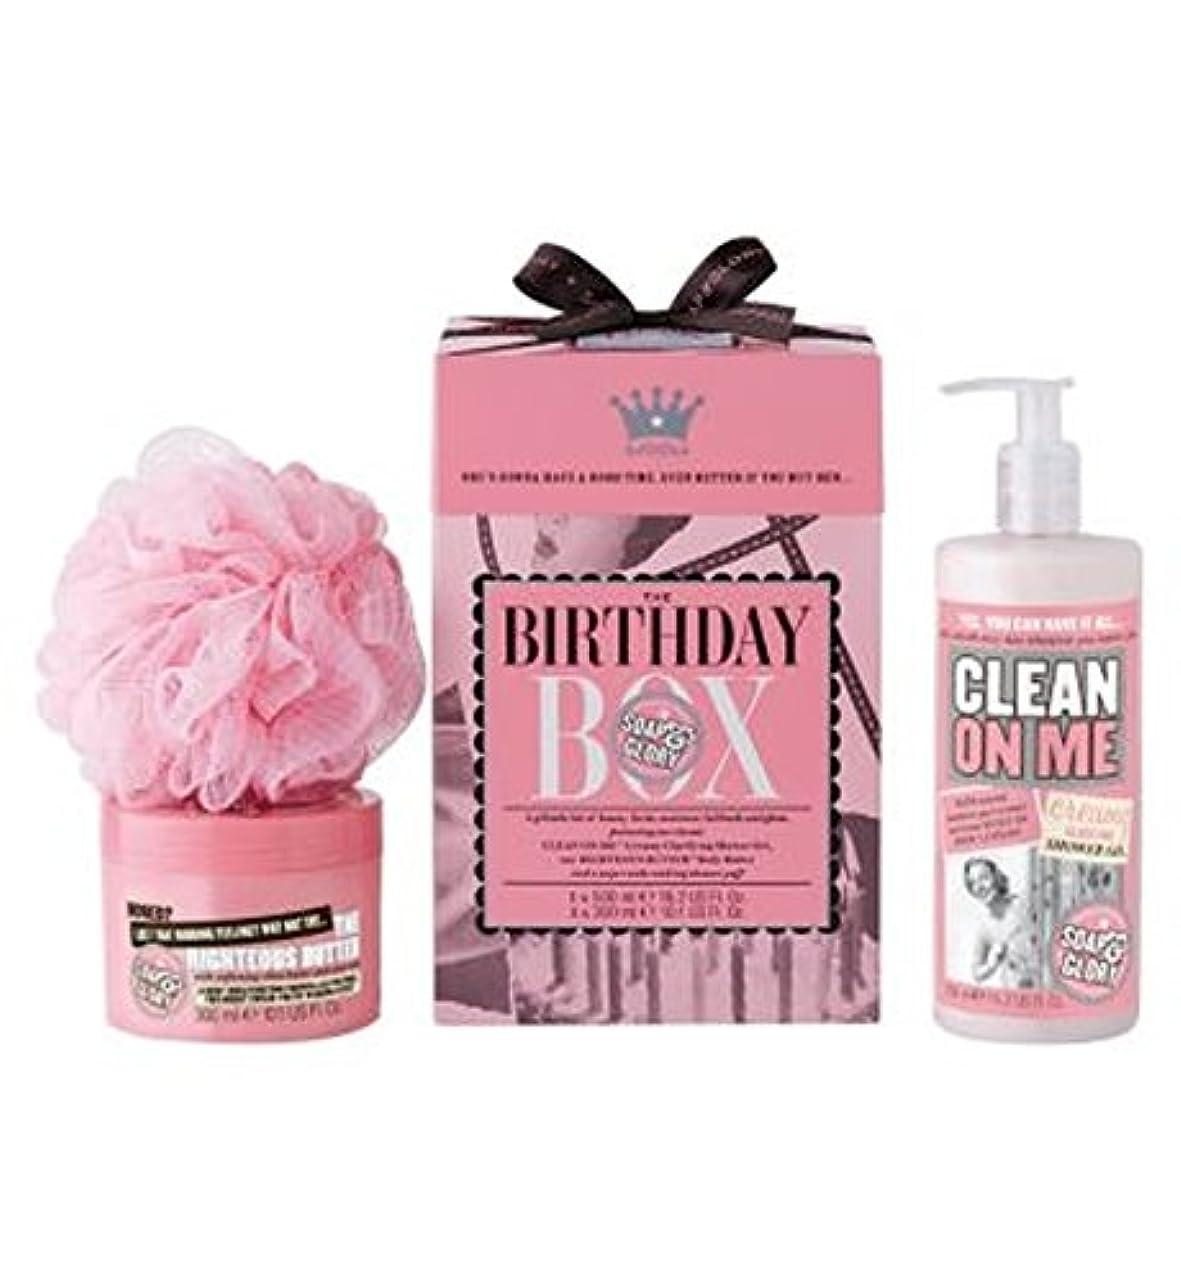 プライバシー請願者マトンSoap & Glory The Birthday Box Gift Set - 石鹸&栄光の誕生日箱のギフトセット (Soap & Glory) [並行輸入品]